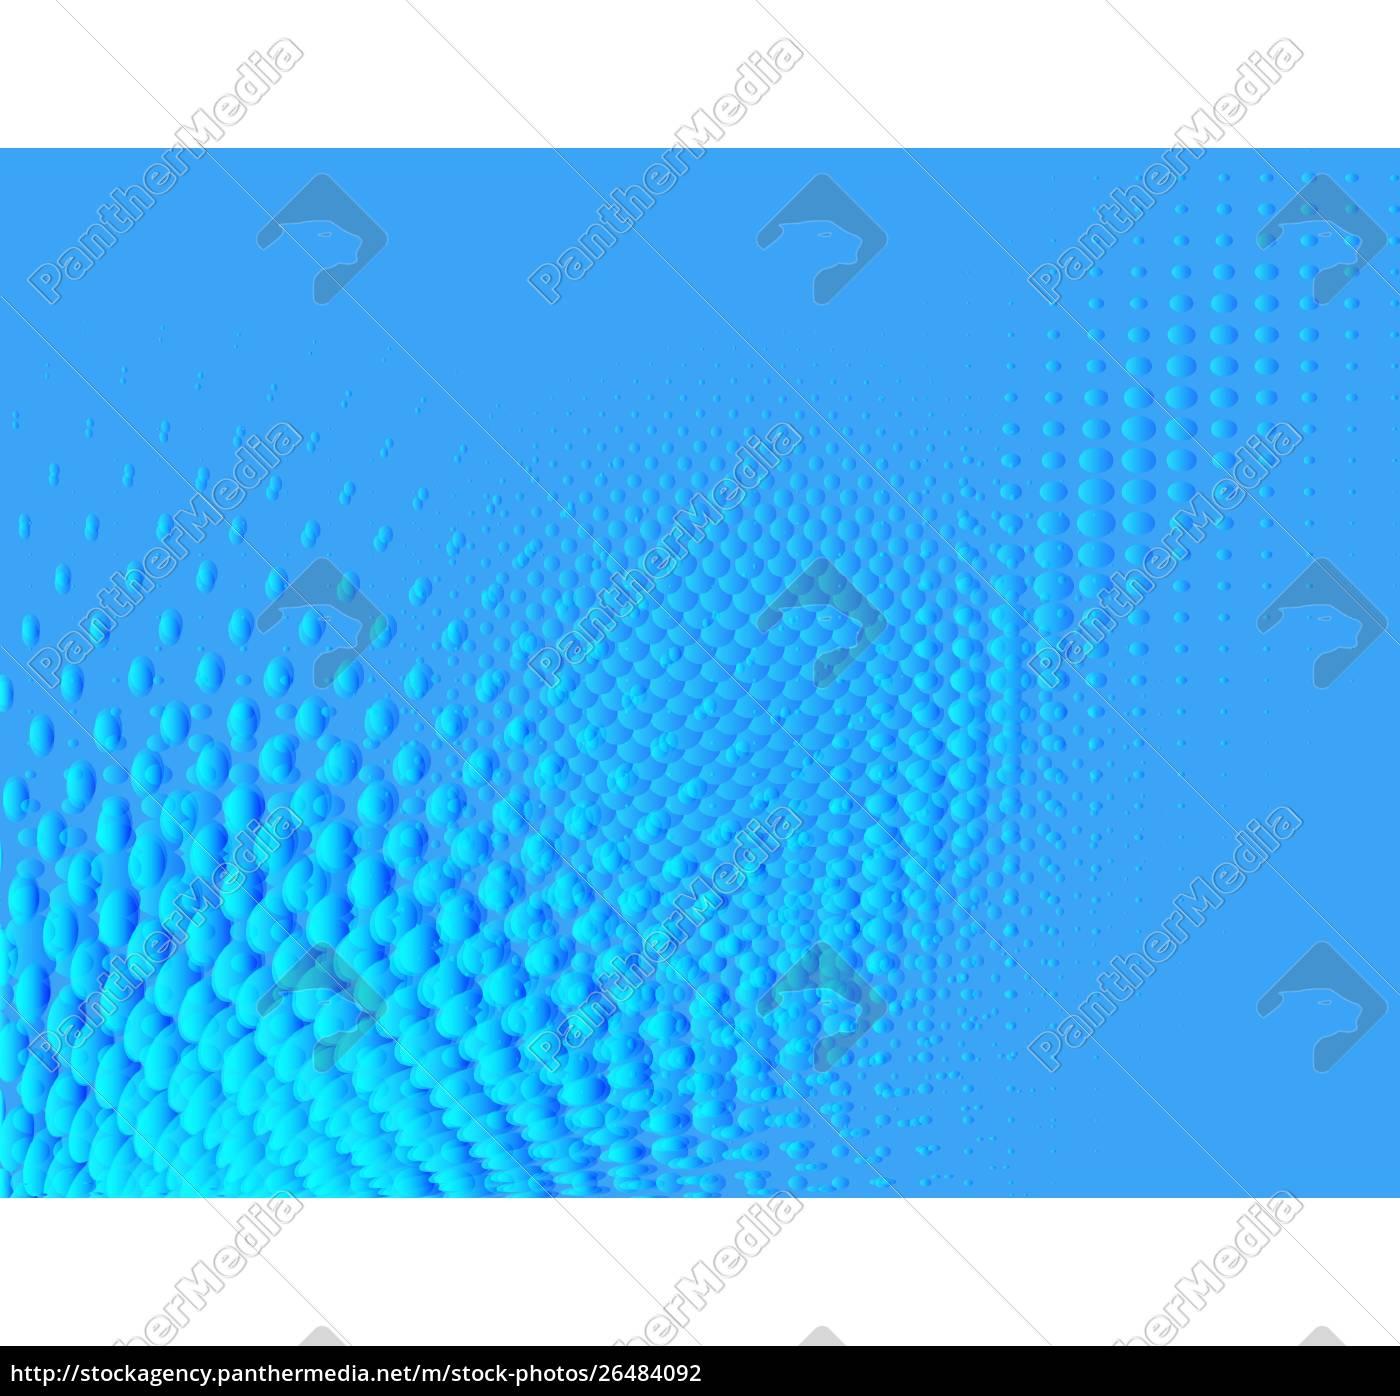 abstrakt, baggrund, eps, 10, vektor, med, gennemsigtighed - 26484092